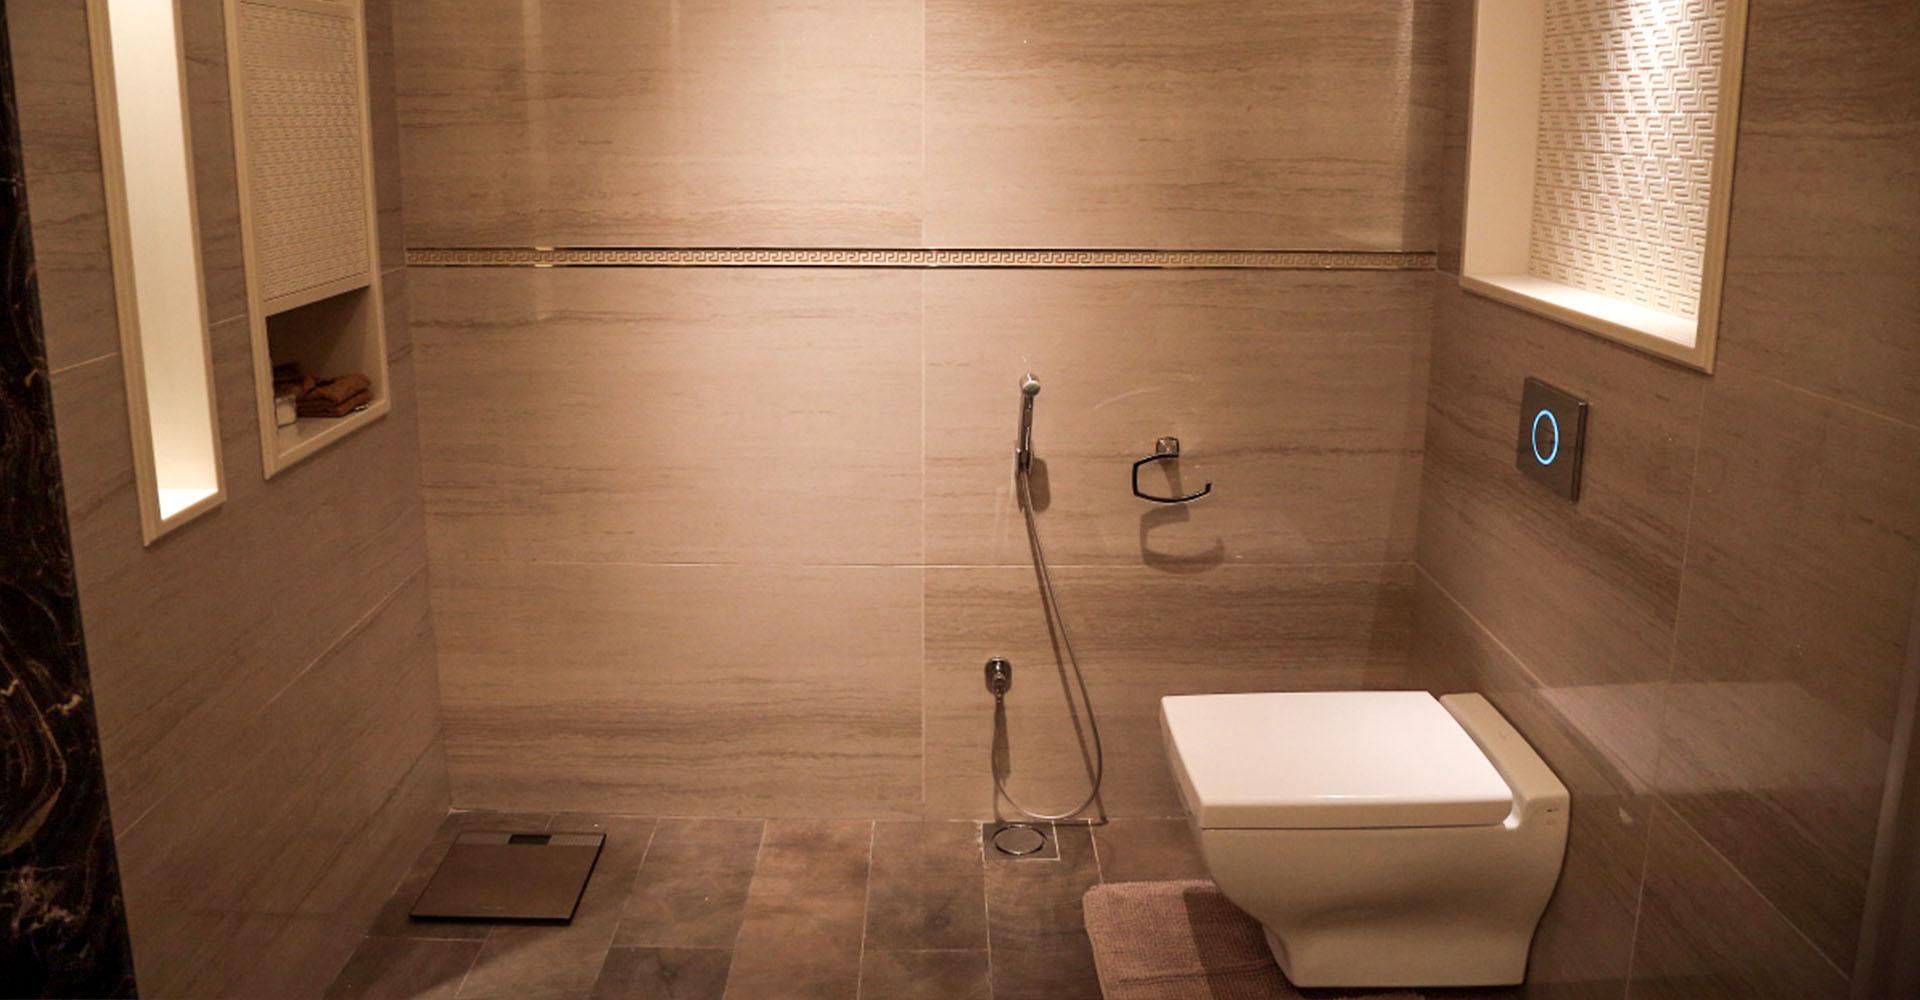 Residential-Design-Hiline-Lahore-portfolio-30-Tufail-Road-09